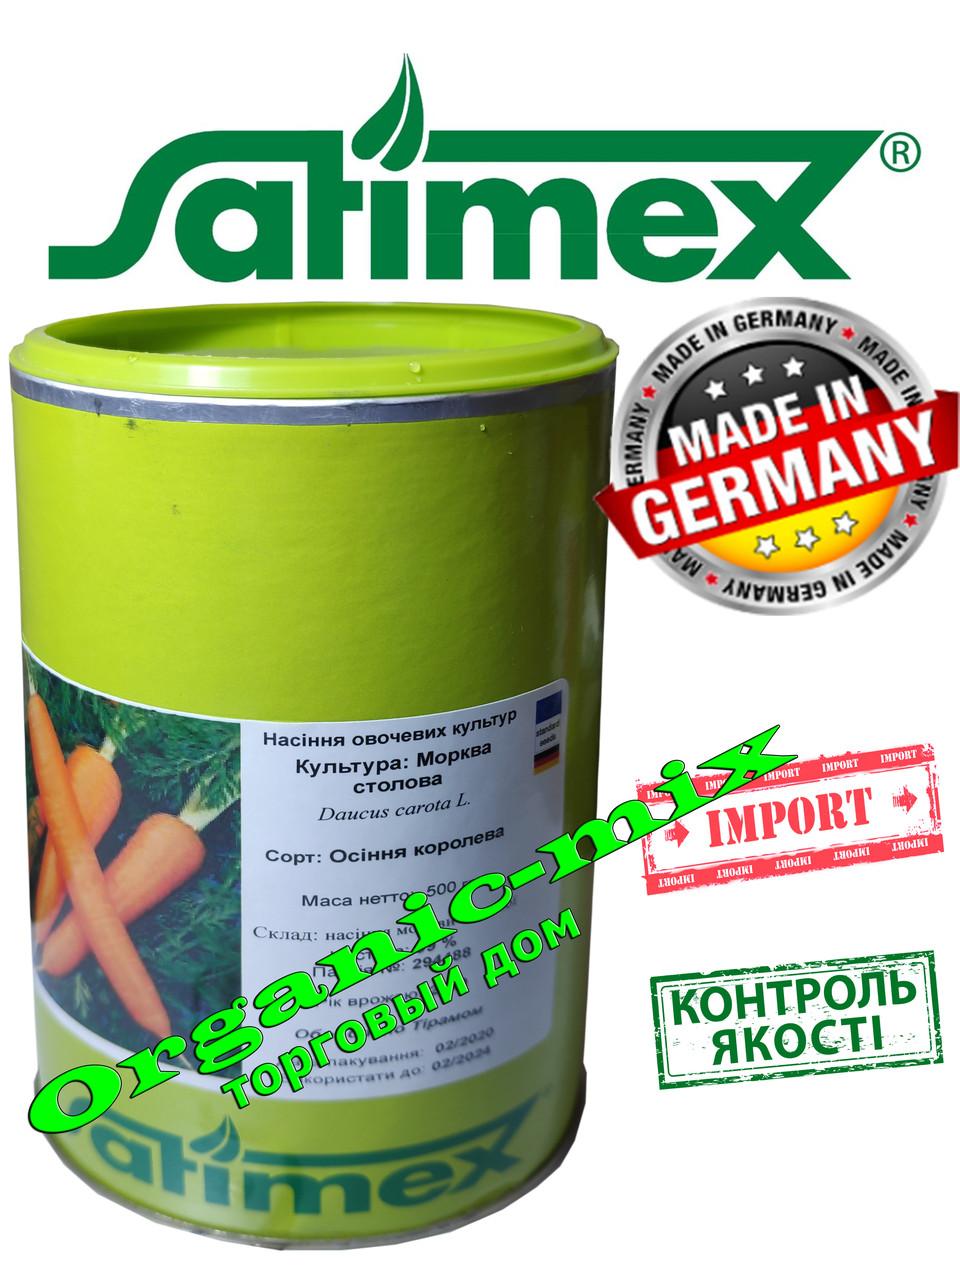 Семена, морковь поздняя ОСЕННЯЯ КОРОЛЕВА (ТМ SATIMEX, Германия) банка 500 грамм